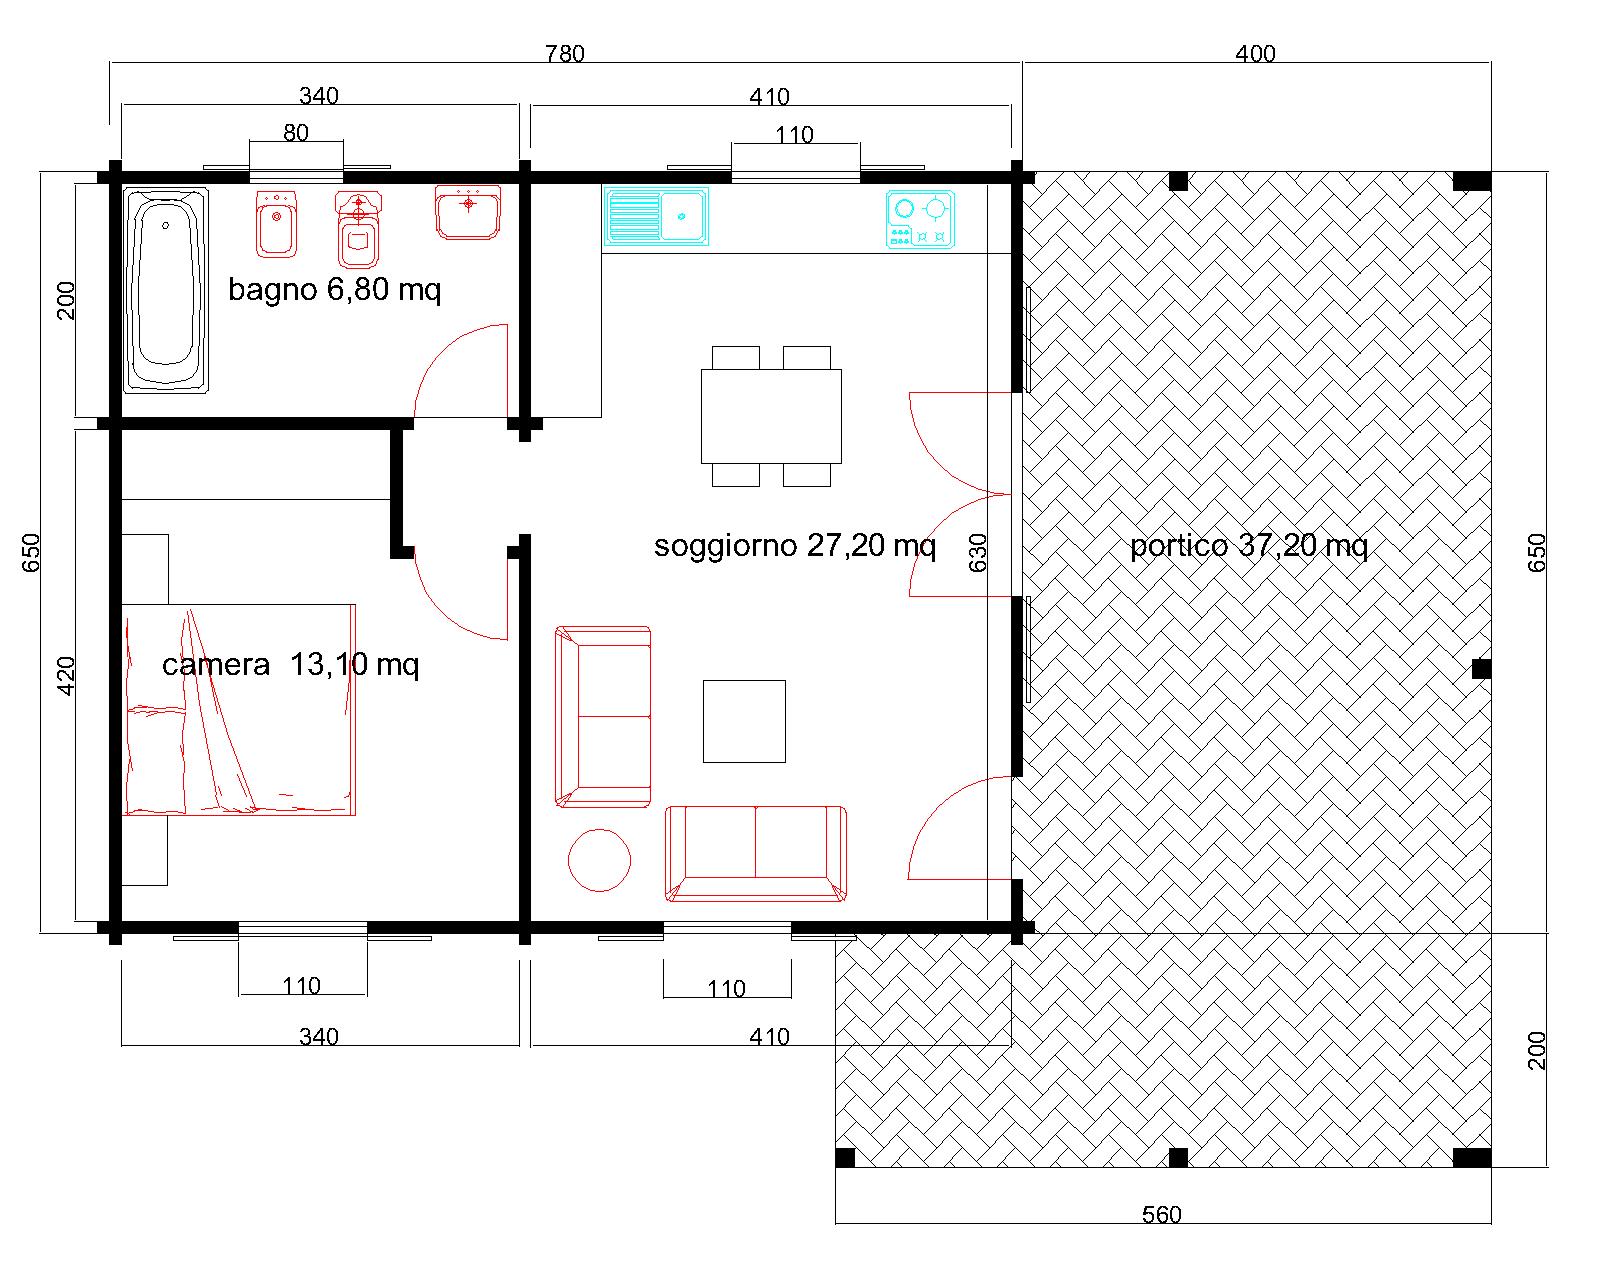 Progetti di case in legno casa 51 mq portico 37 mq for Progetto casa 40 mq